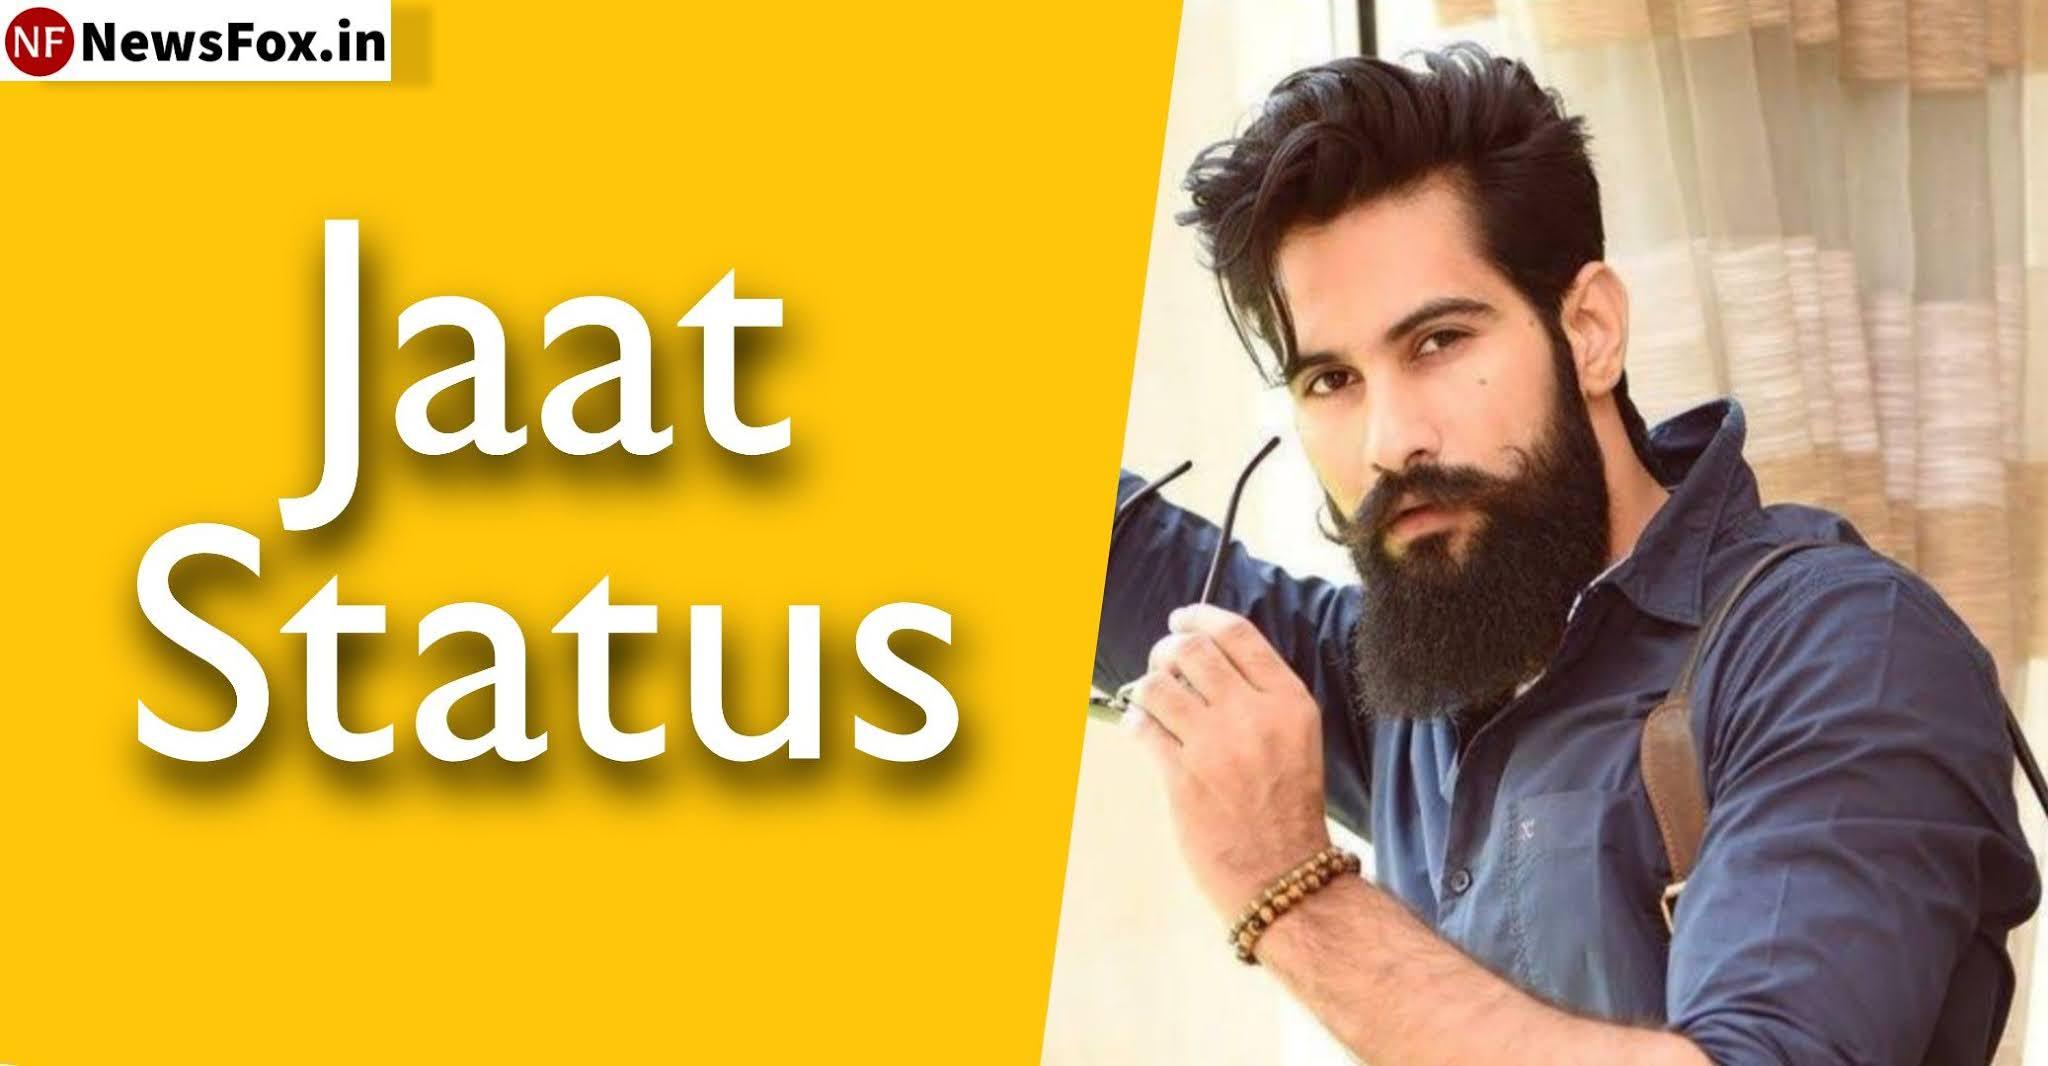 Jaat Attitude Status NewsFox.in